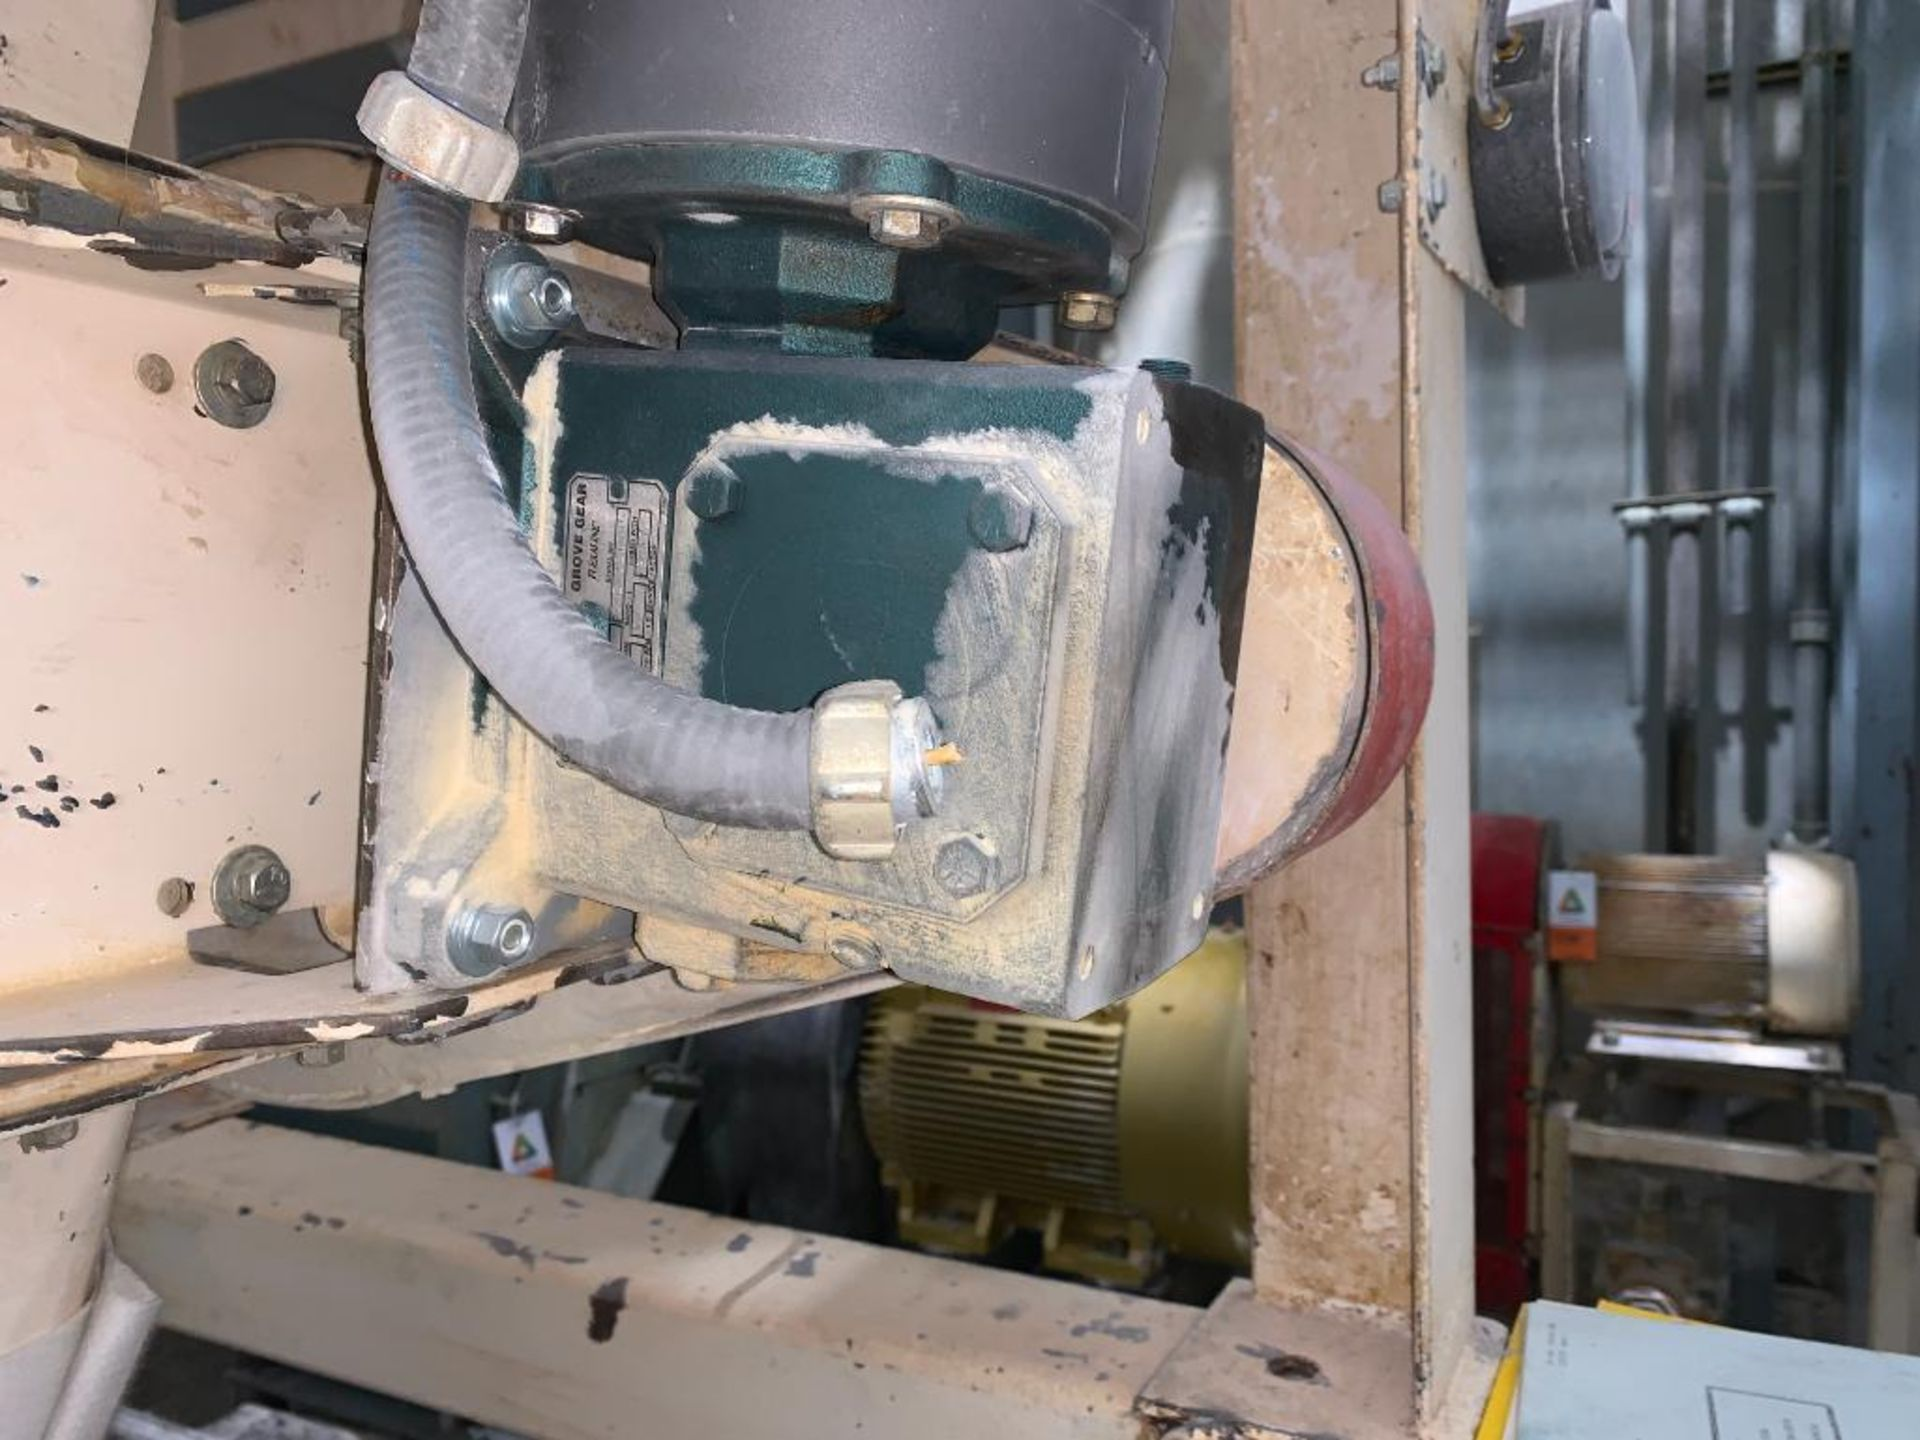 MAC mild steel dust collector - Image 3 of 9